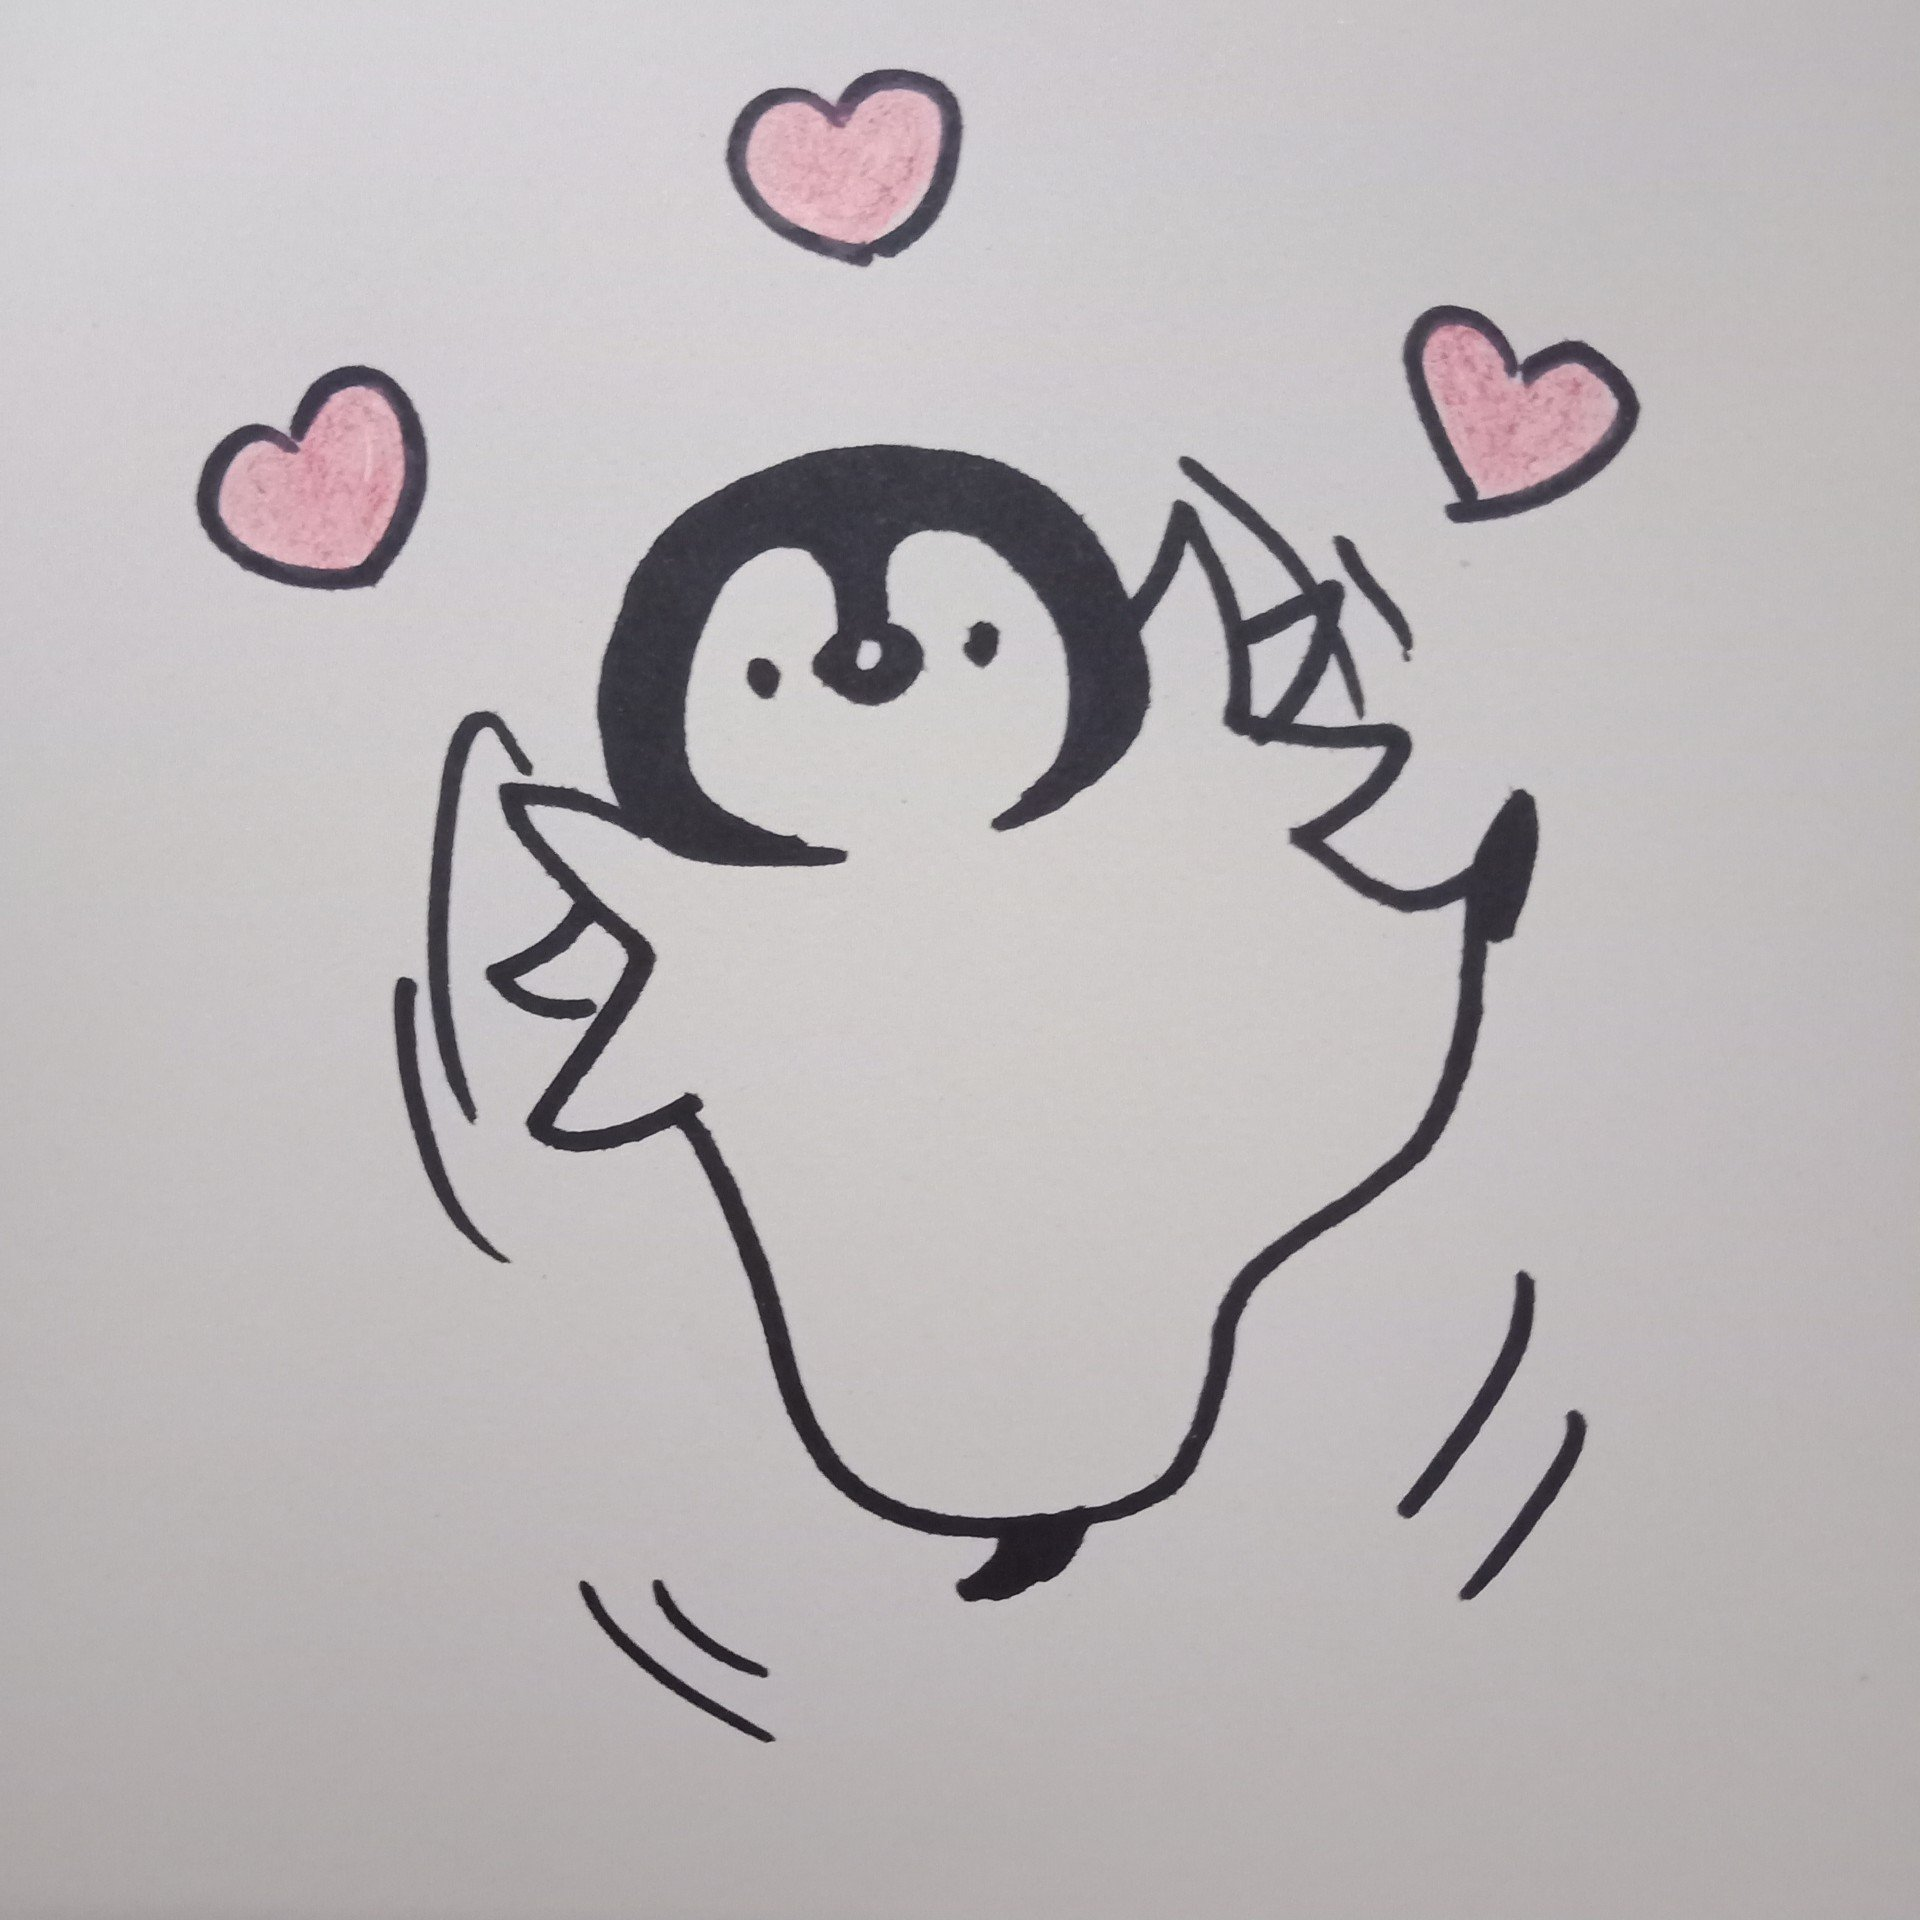 实在抱歉今天给你们更新一大波可爱的小企鹅作为补偿!